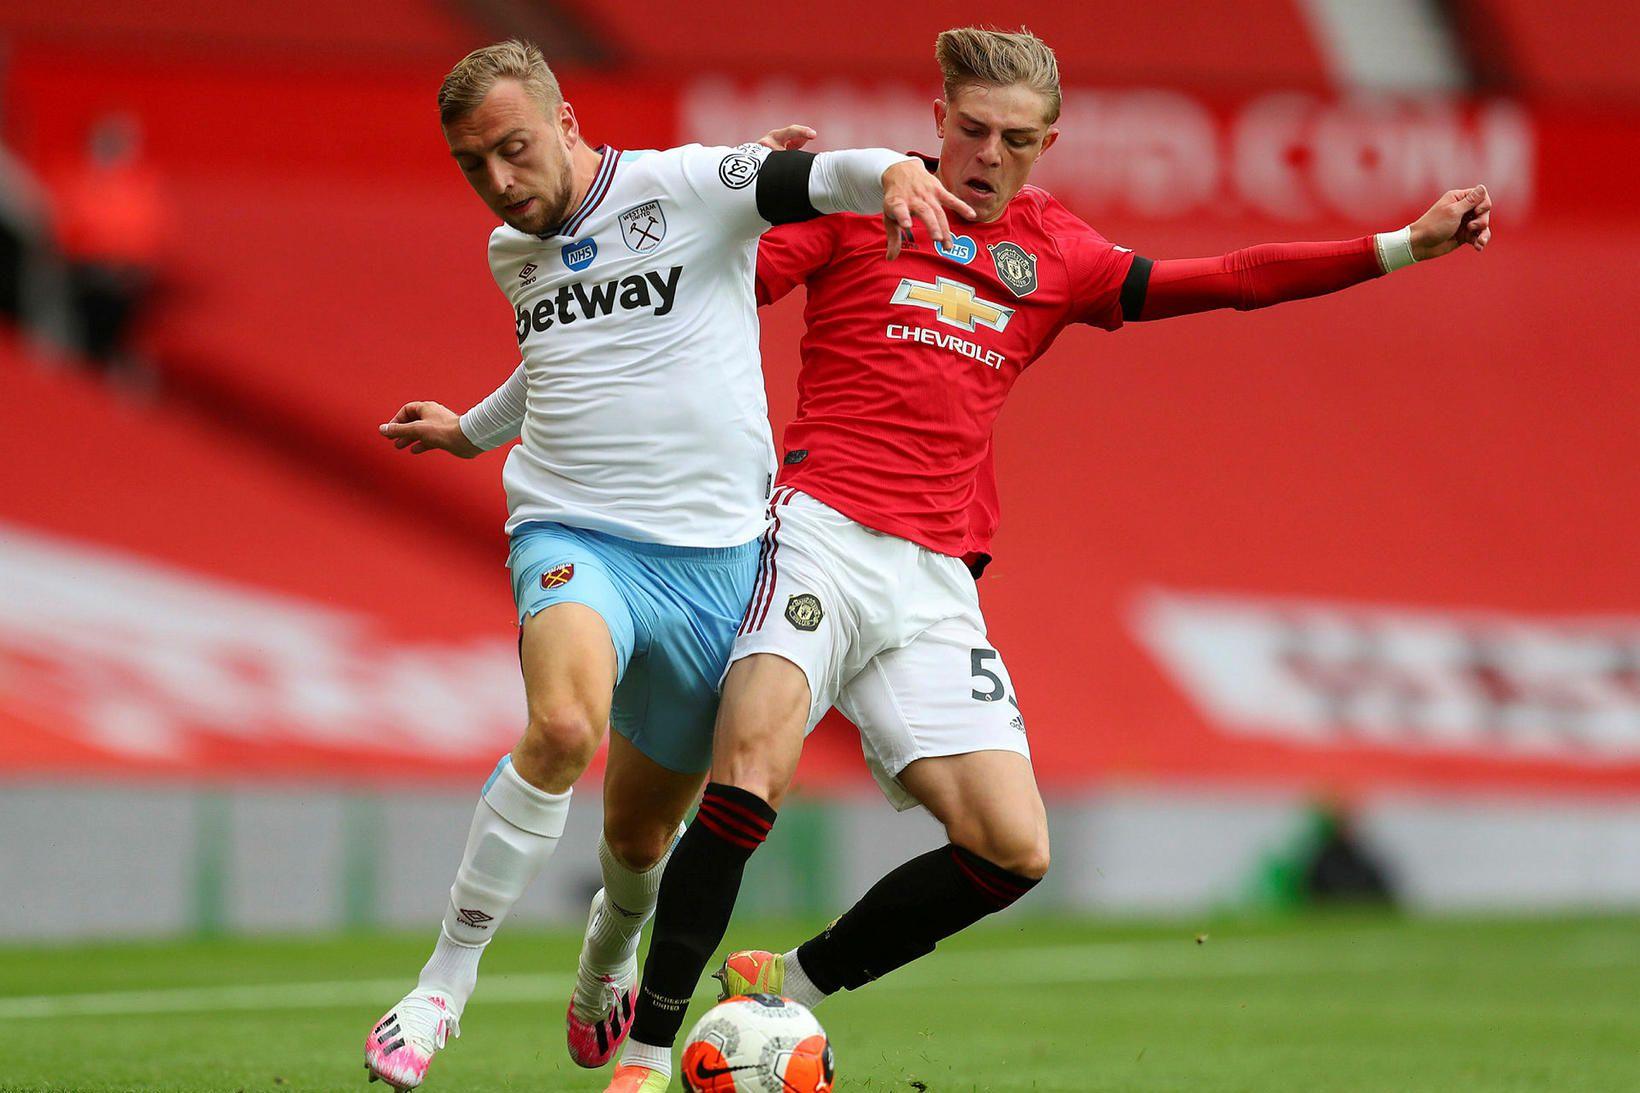 Brandon Williams átti góða fyrstu leiktíð með Manchester United.